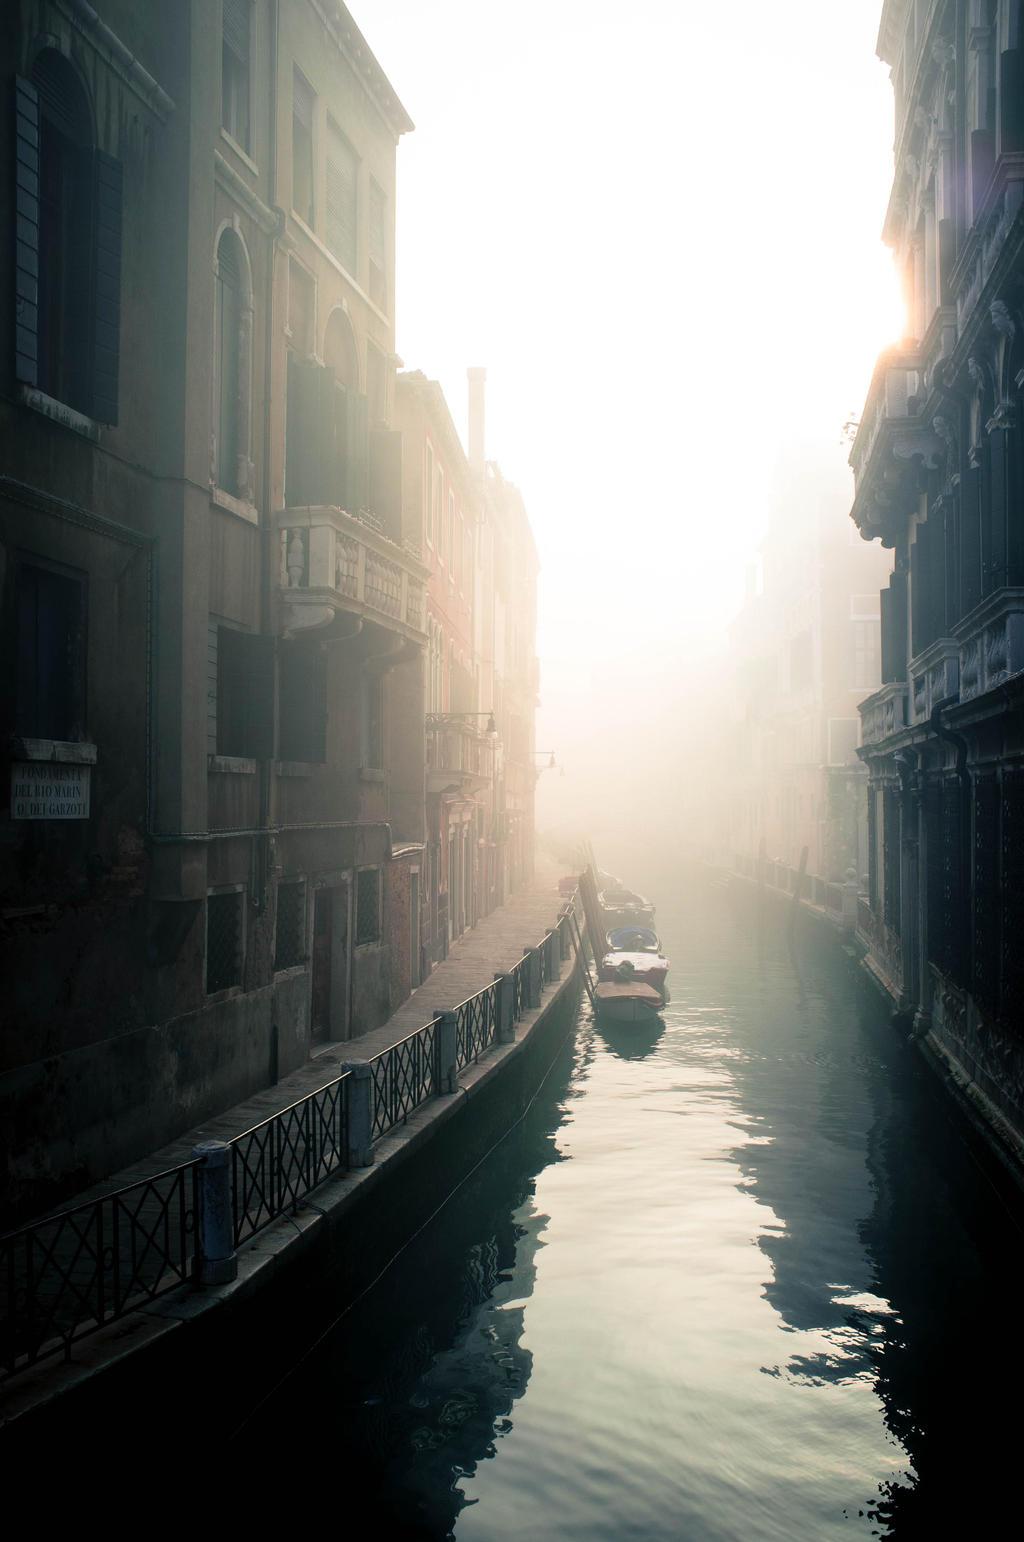 As the Fog Rolls In by jannettella